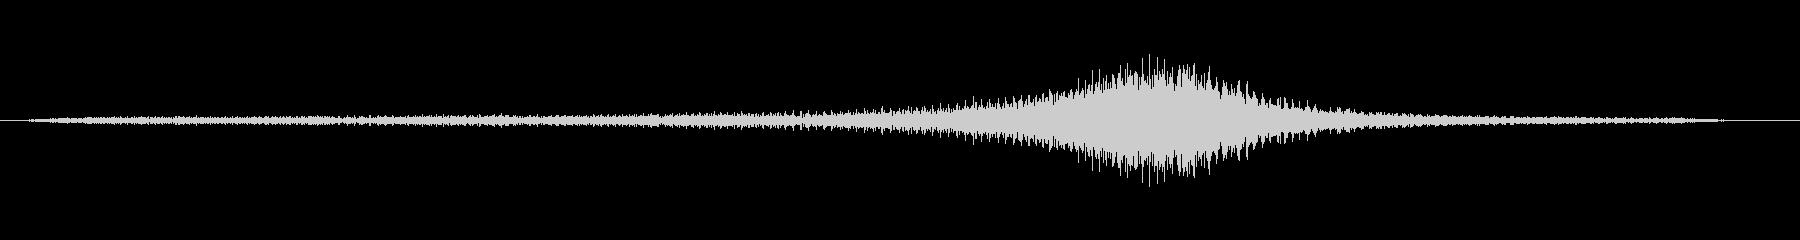 PASS BY、スローカーマフラー...の未再生の波形